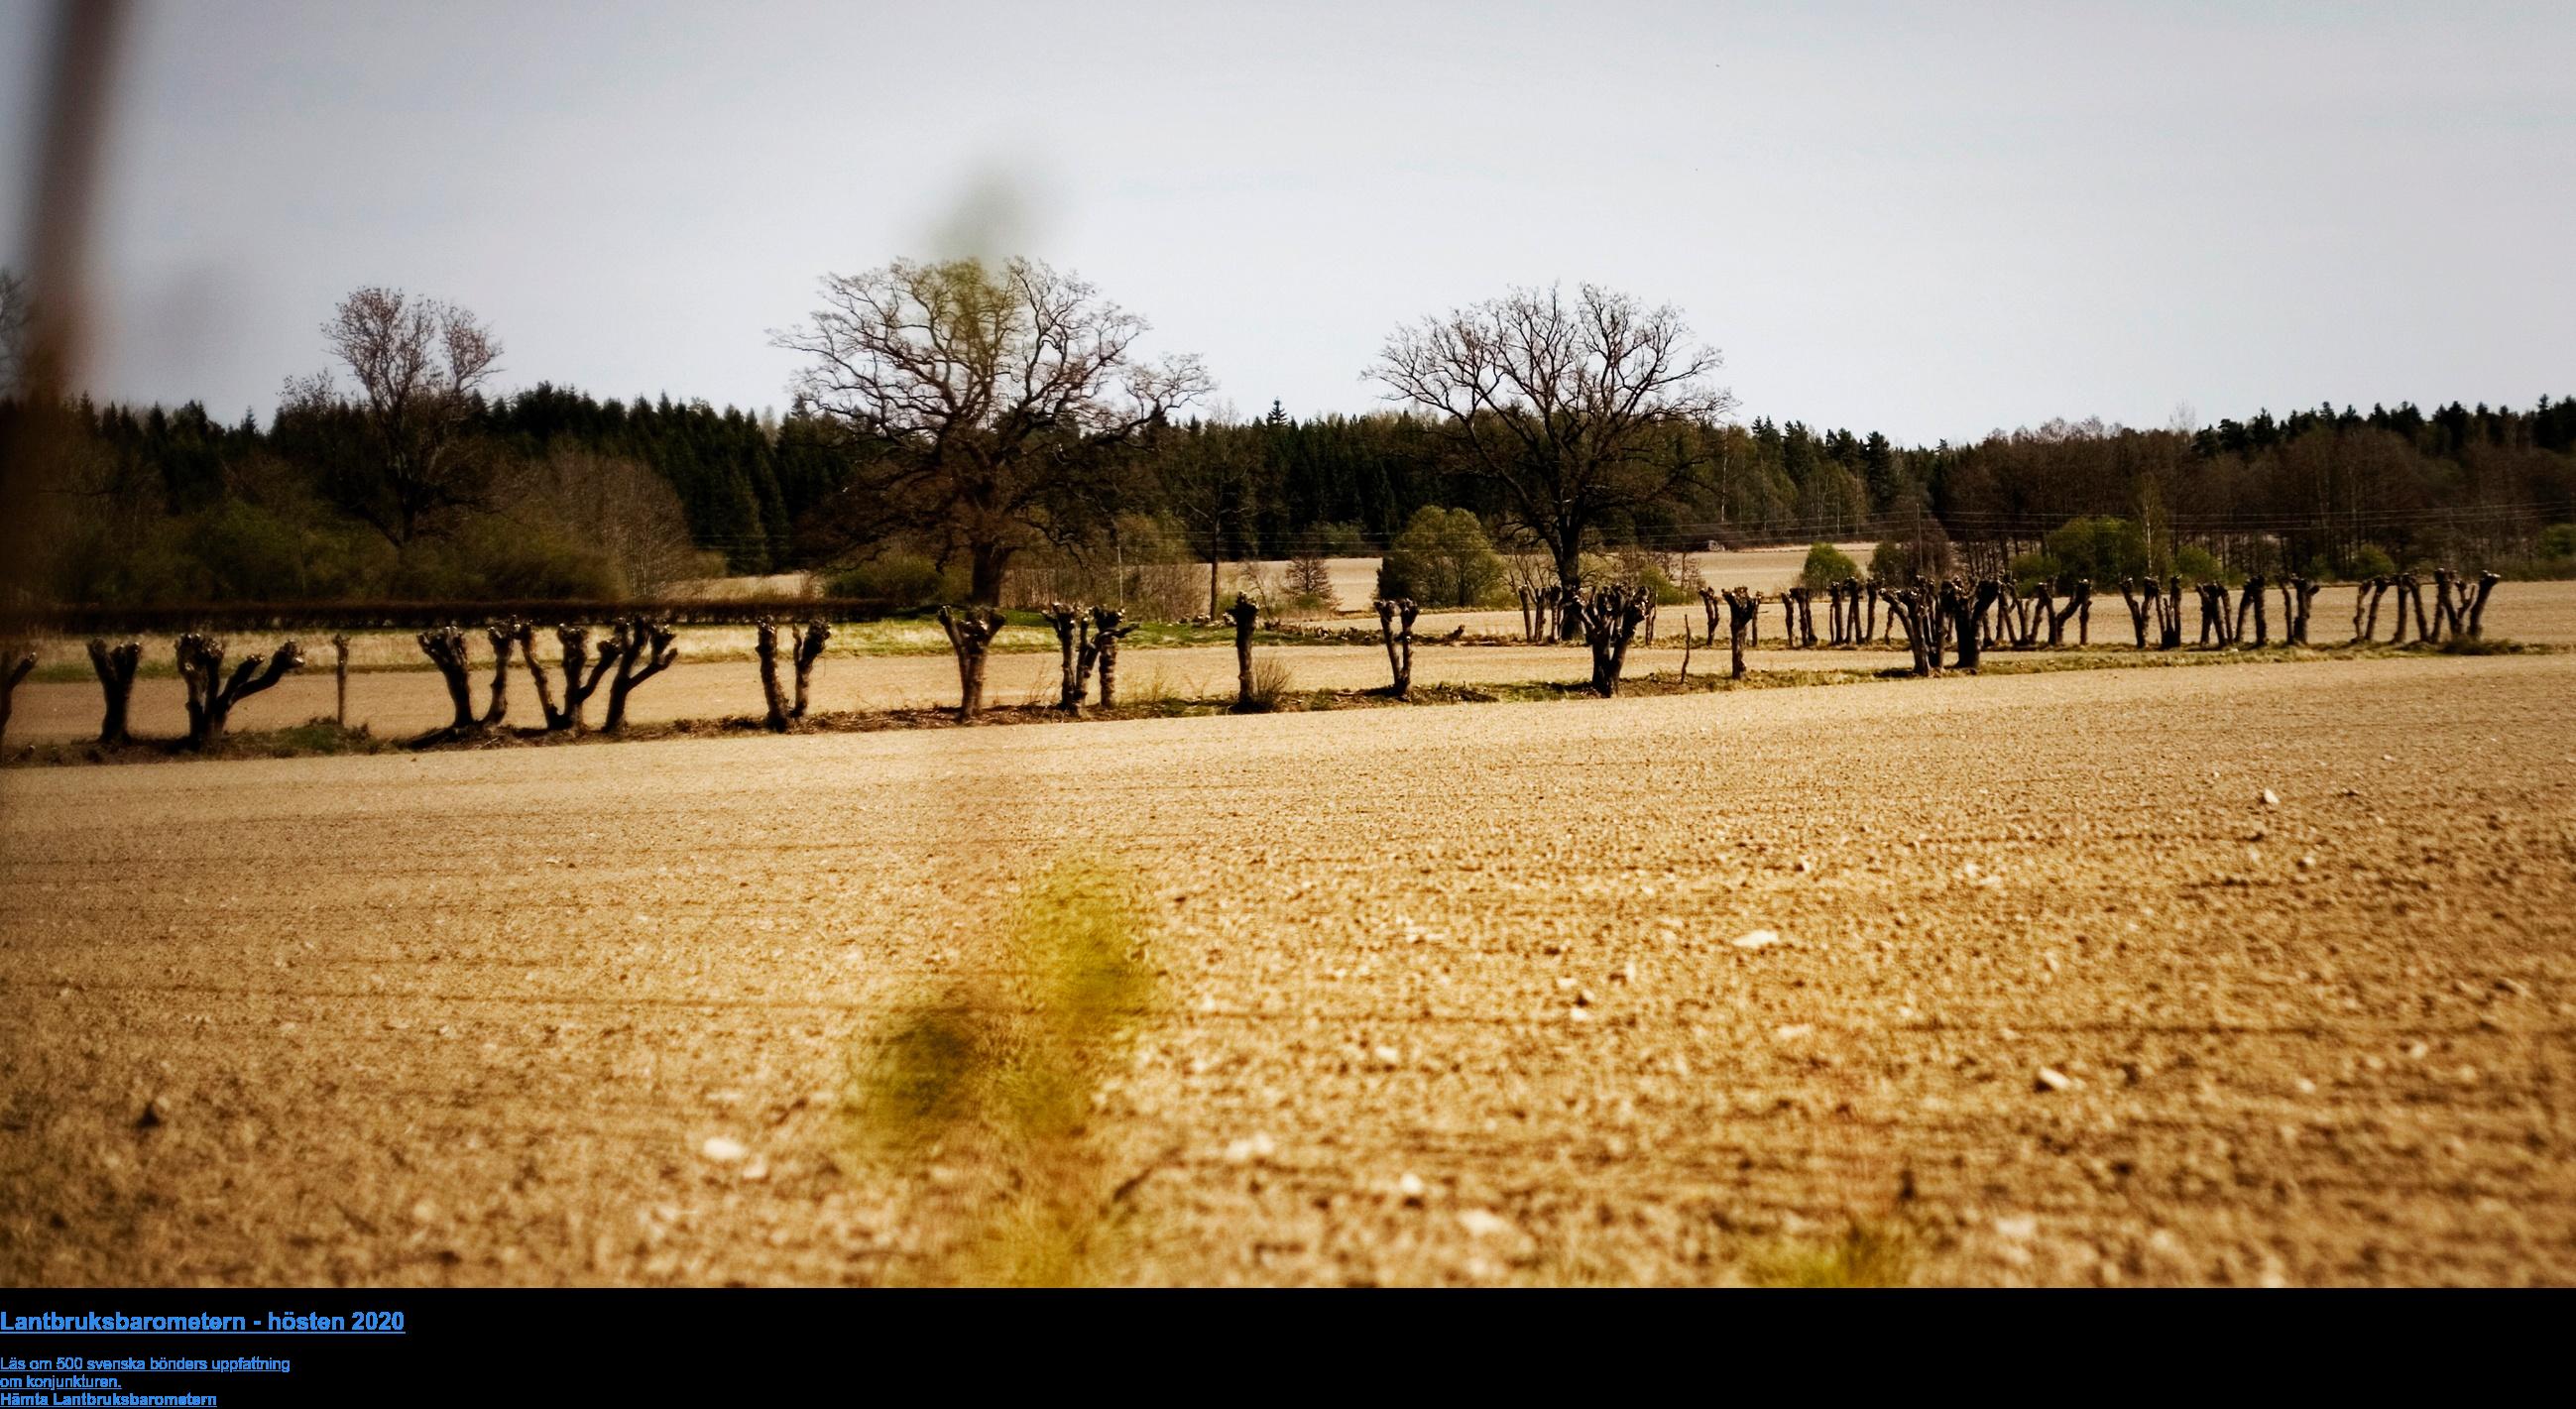 Lantbruksbarometern - hösten 2020  Läs om 500 svenska bönders uppfattning  om konjunkturen. Hämta Lantbruksbarometern